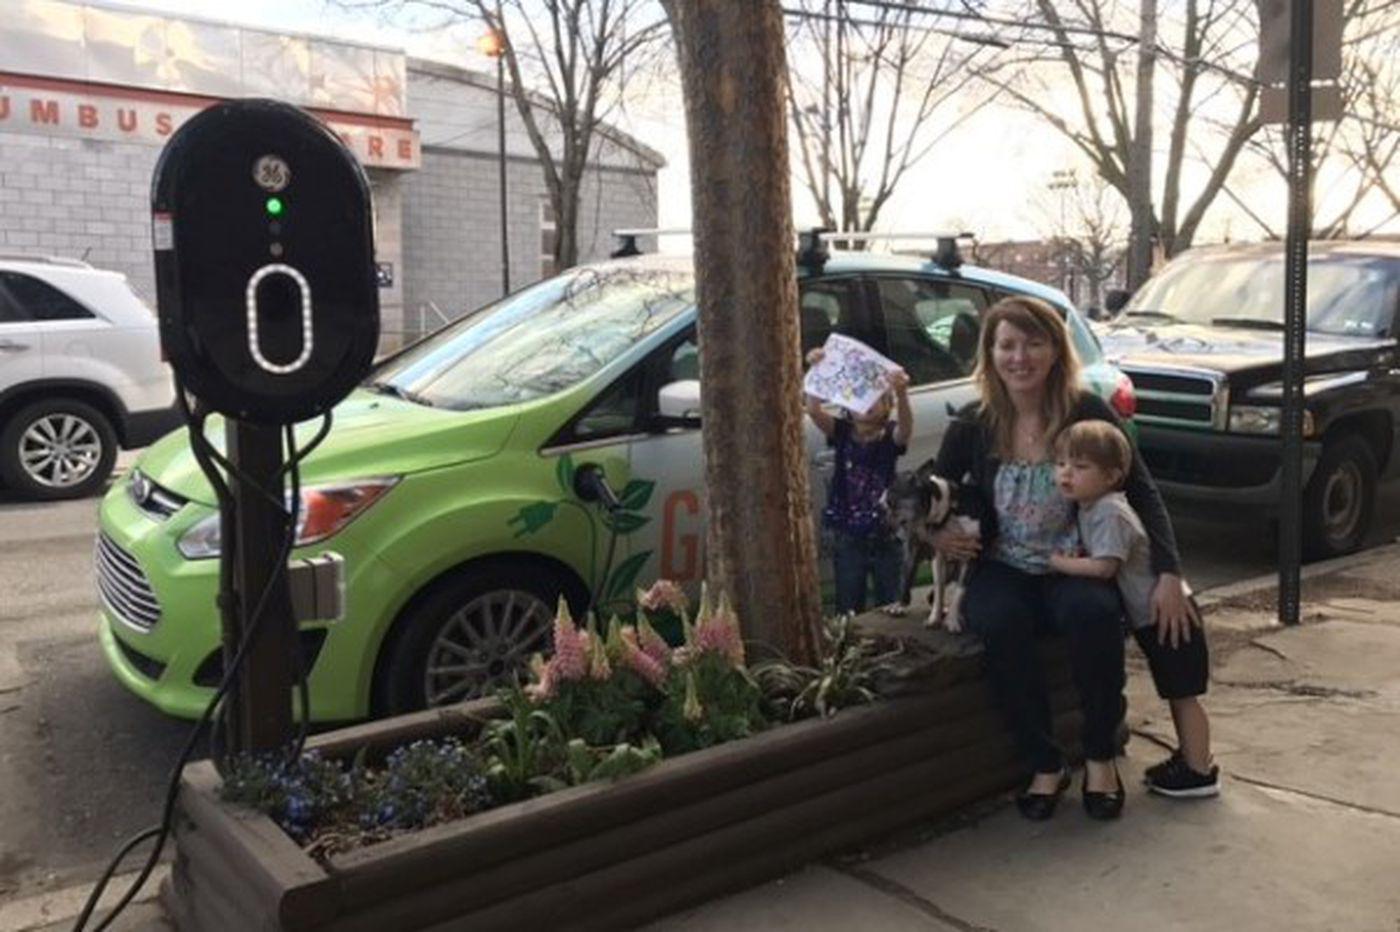 Philadelphia City Council passes moratorium on electric vehicle parking permits